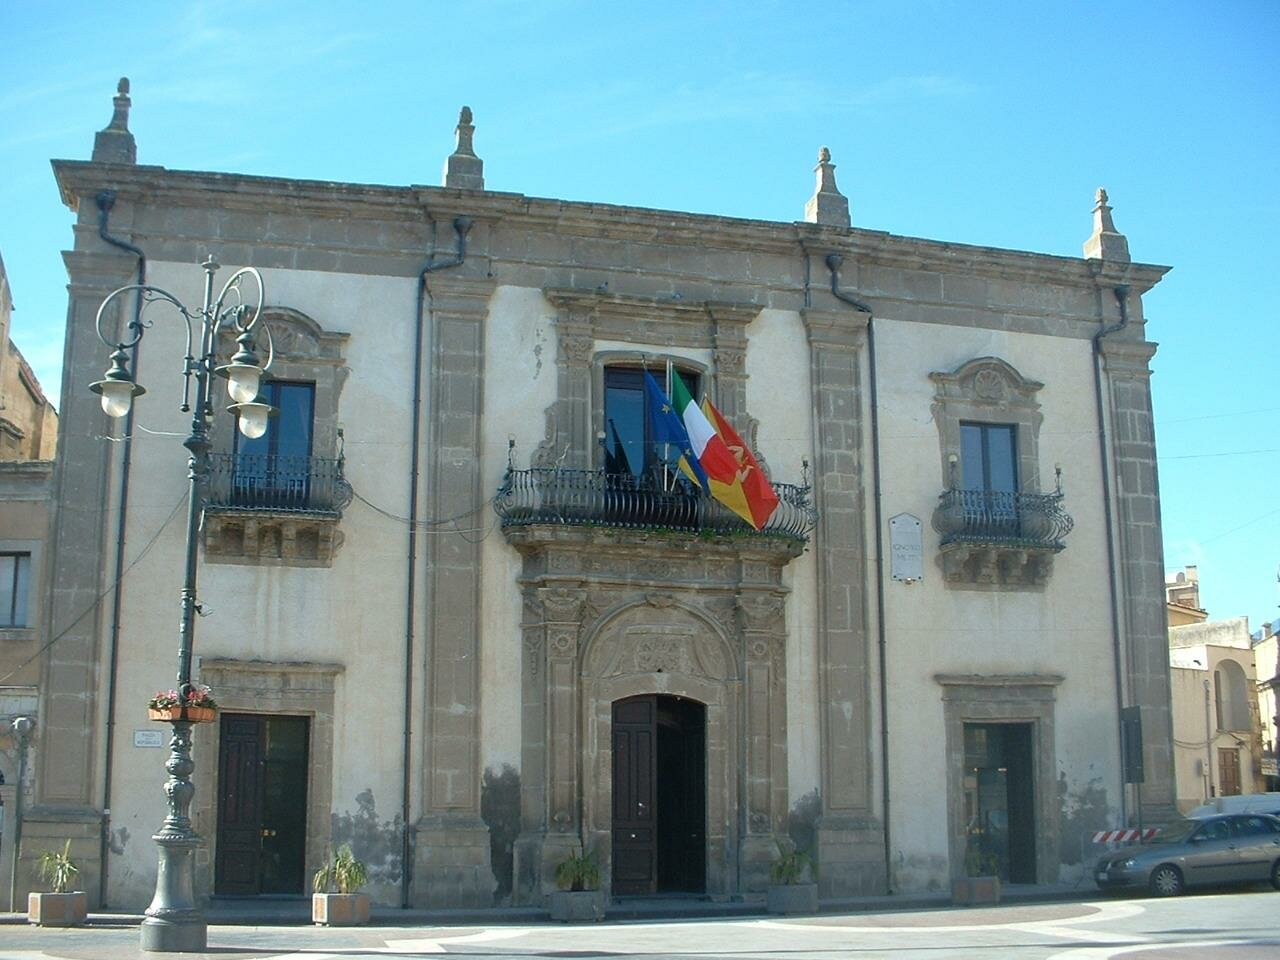 Regalbuto Municipio